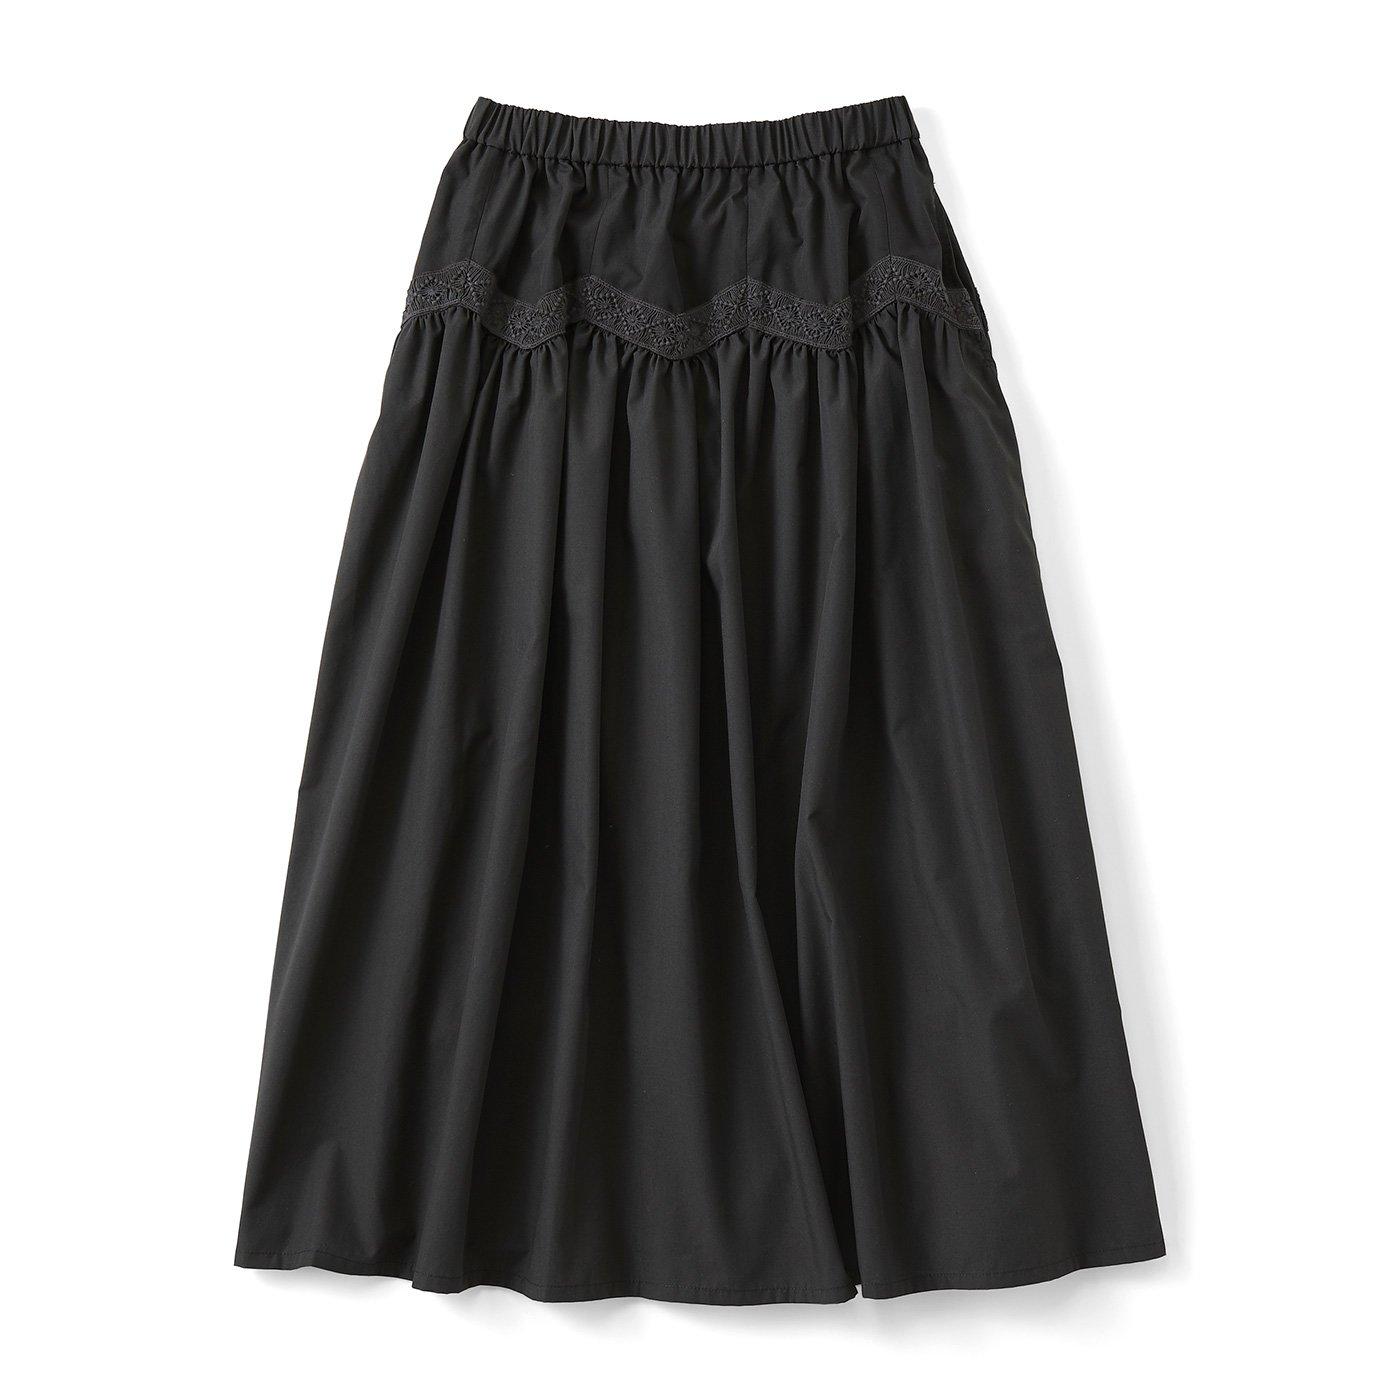 ジグザグレースのボリュームスカート〈ブラック〉